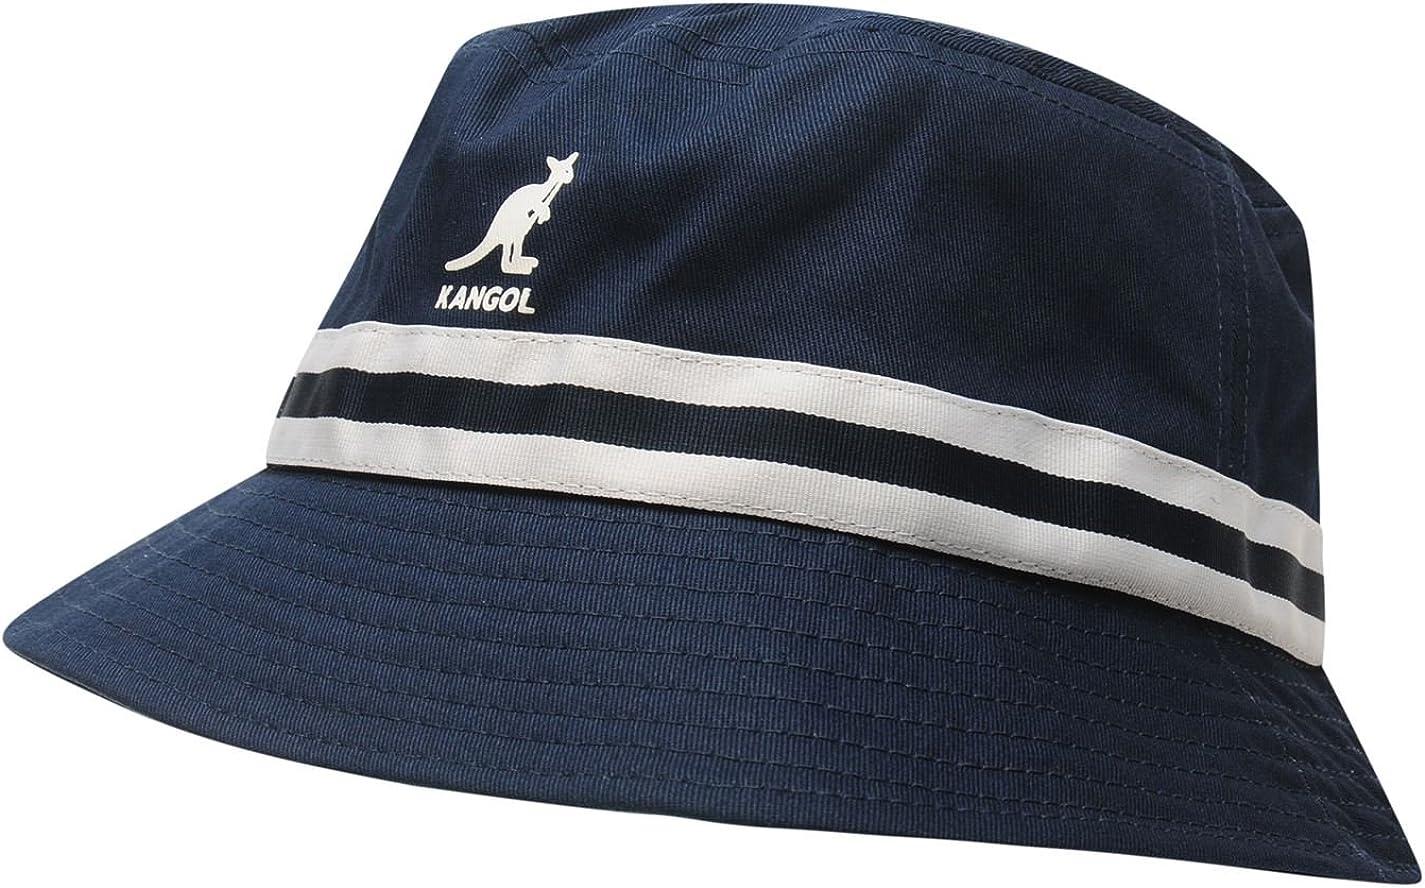 Kangol - Sombrero de rayas para hombre azul claro Small: Amazon.es ...